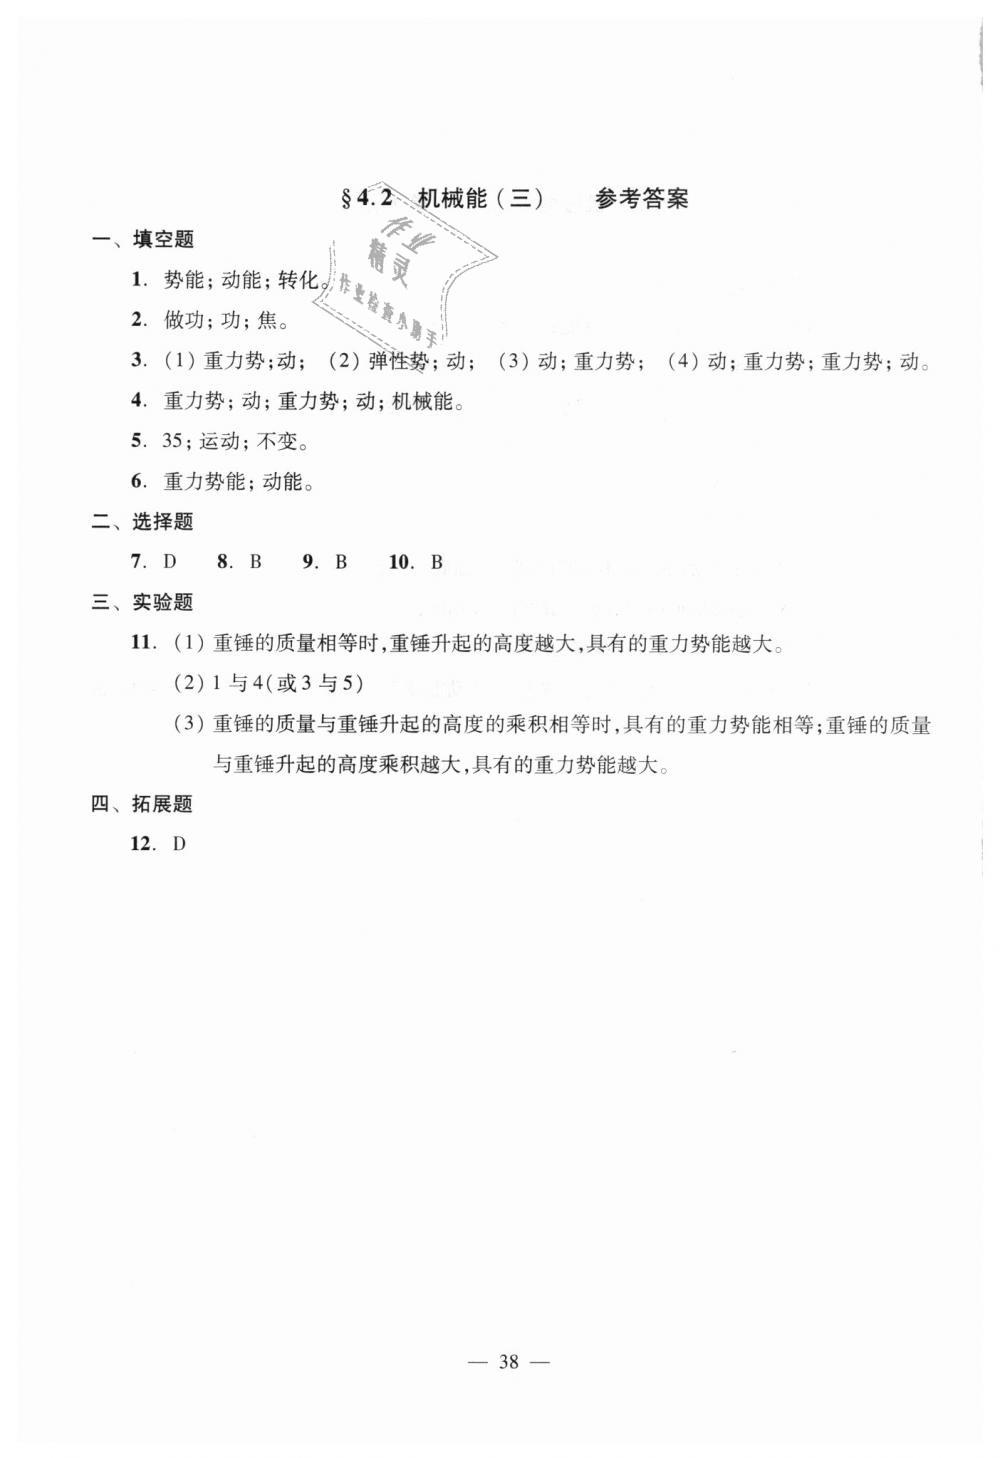 2018年初中物理双基过关堂堂练八年级全一册沪教版第38页